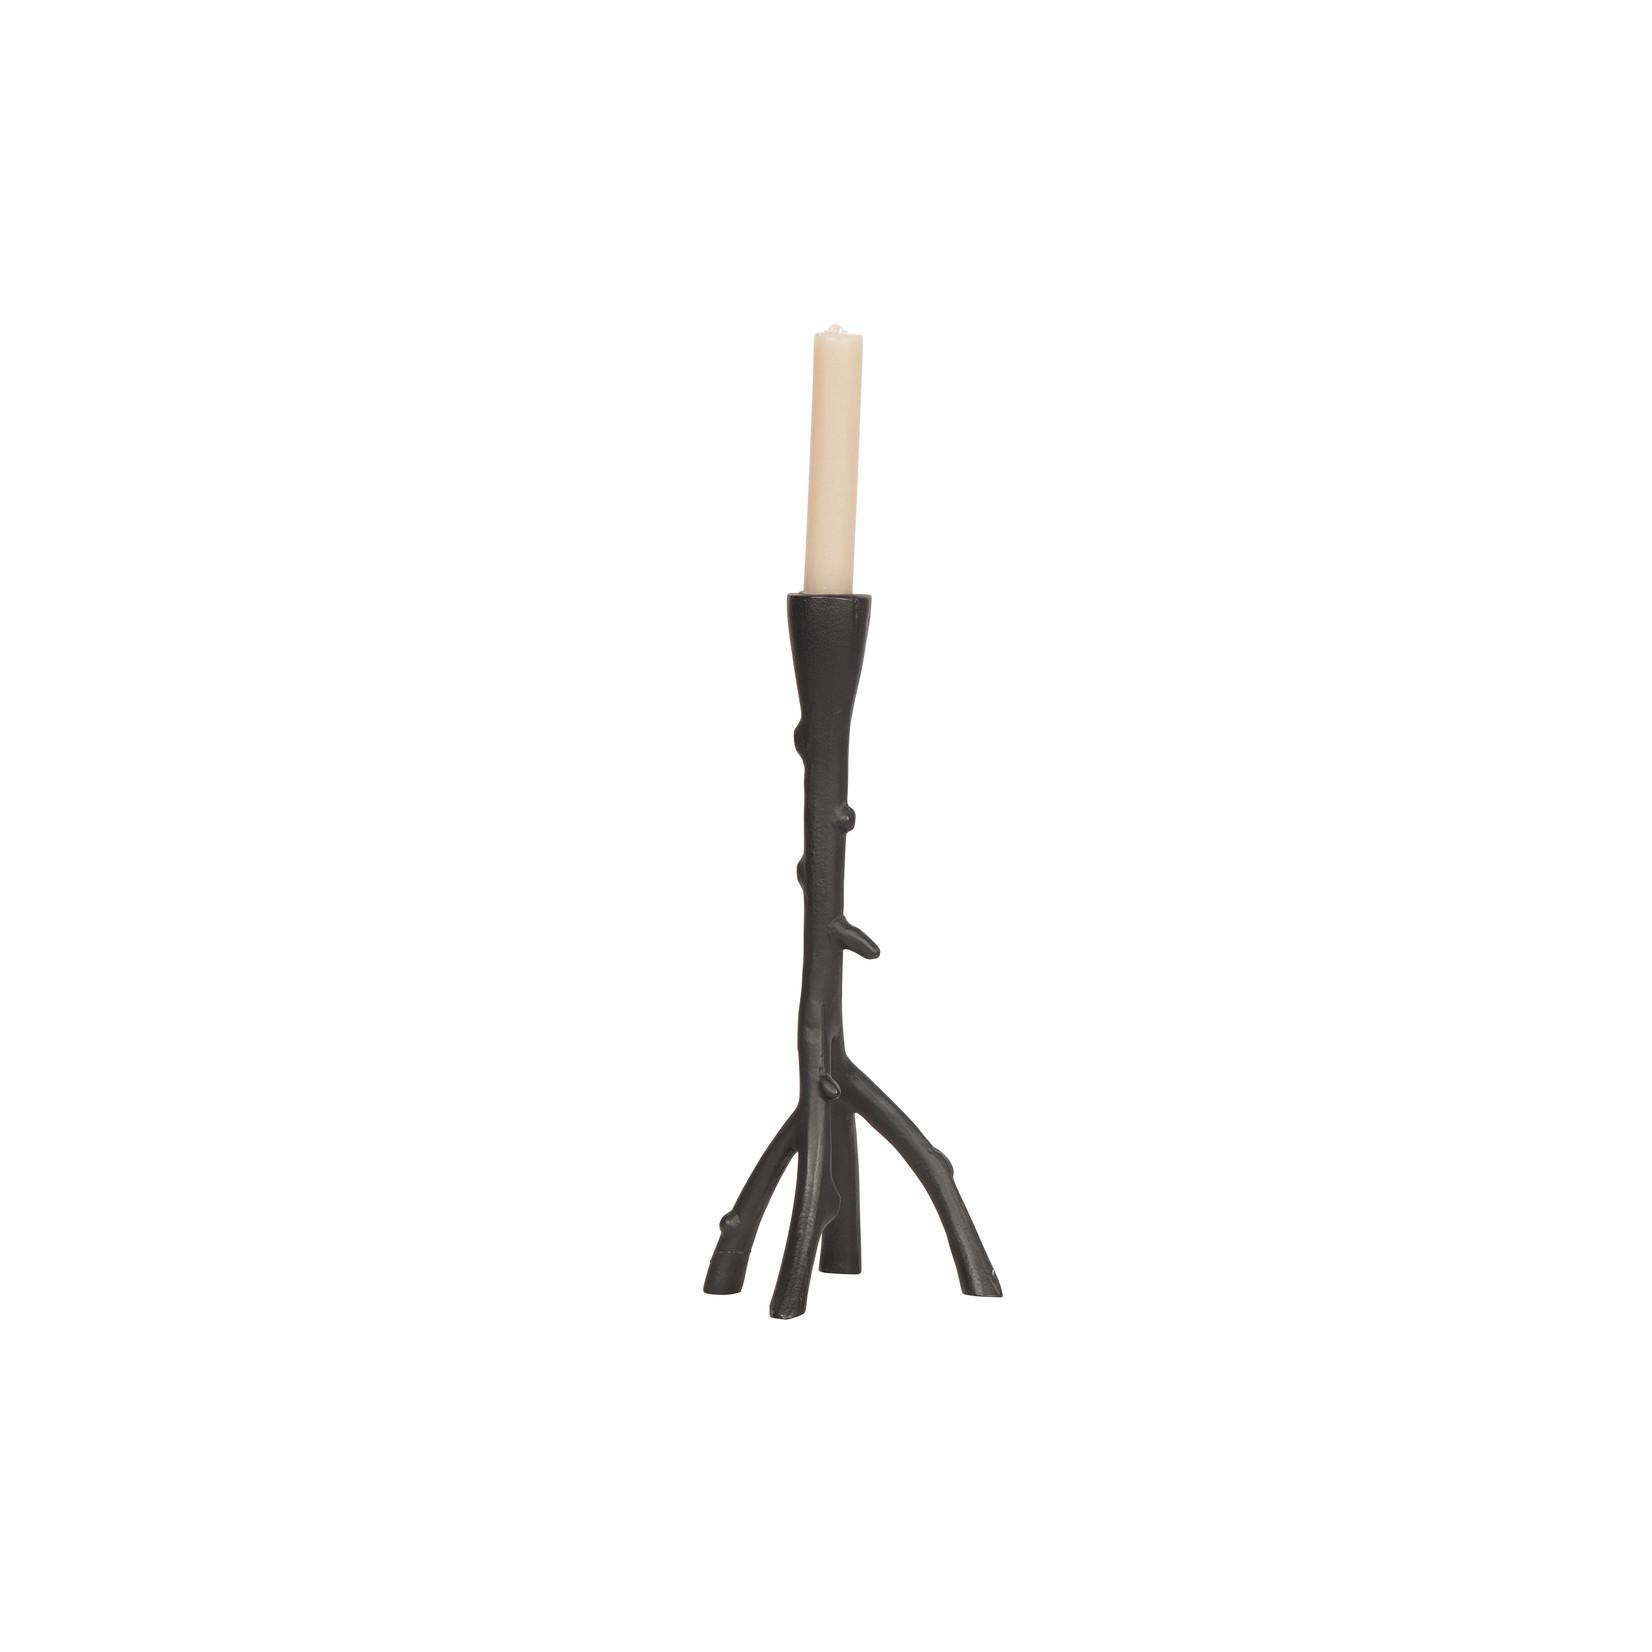 Be Pure Home Branch Kandelaar Metaal Zwart 31cm*